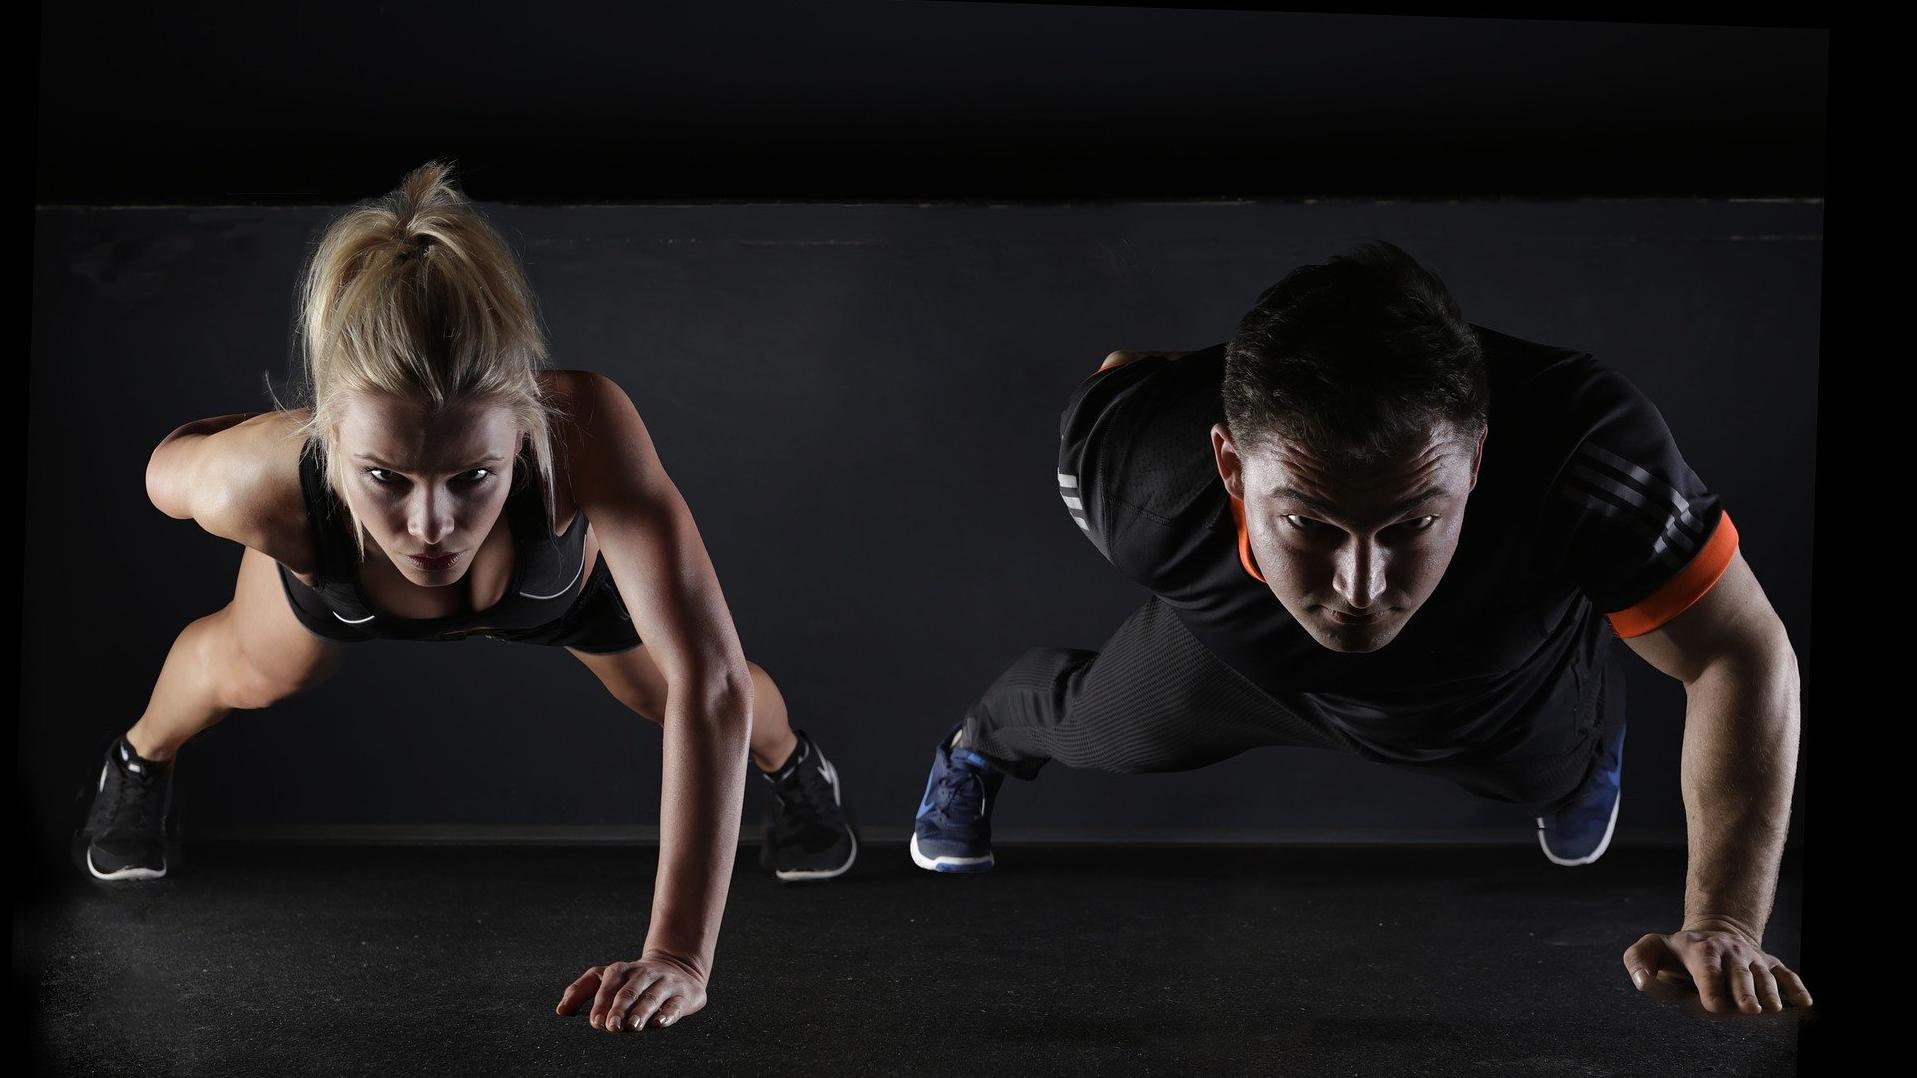 Isometrisches Training eignet sich für jeden Sportinteressierten.